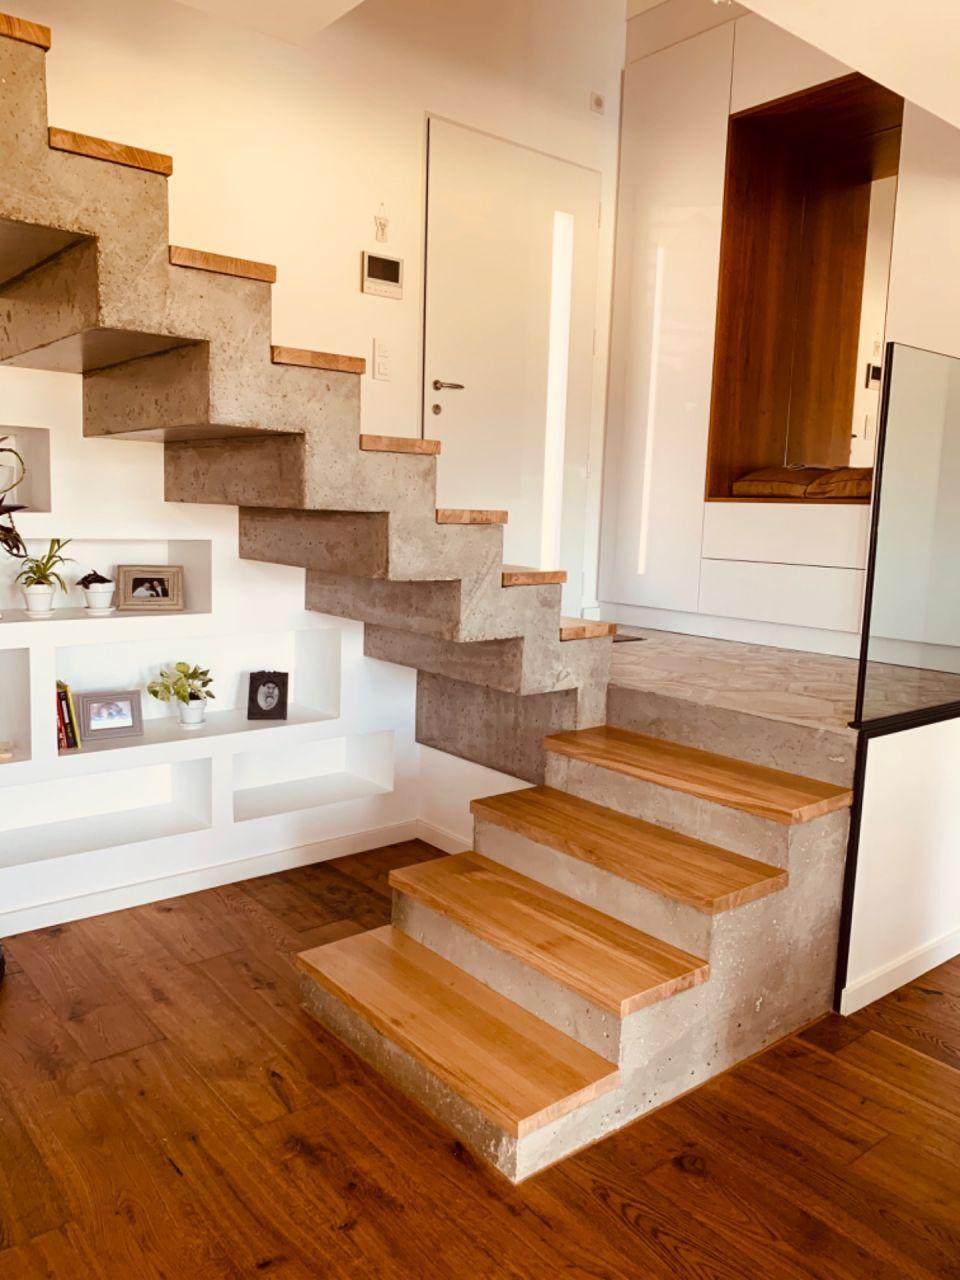 Notre escalier est terminé ! Il reste les joints entre les marches et le bois mais sur la photo cela ne dates pas de différence notable. Nous sommes très contents du résultat. Merci Thomas ?.